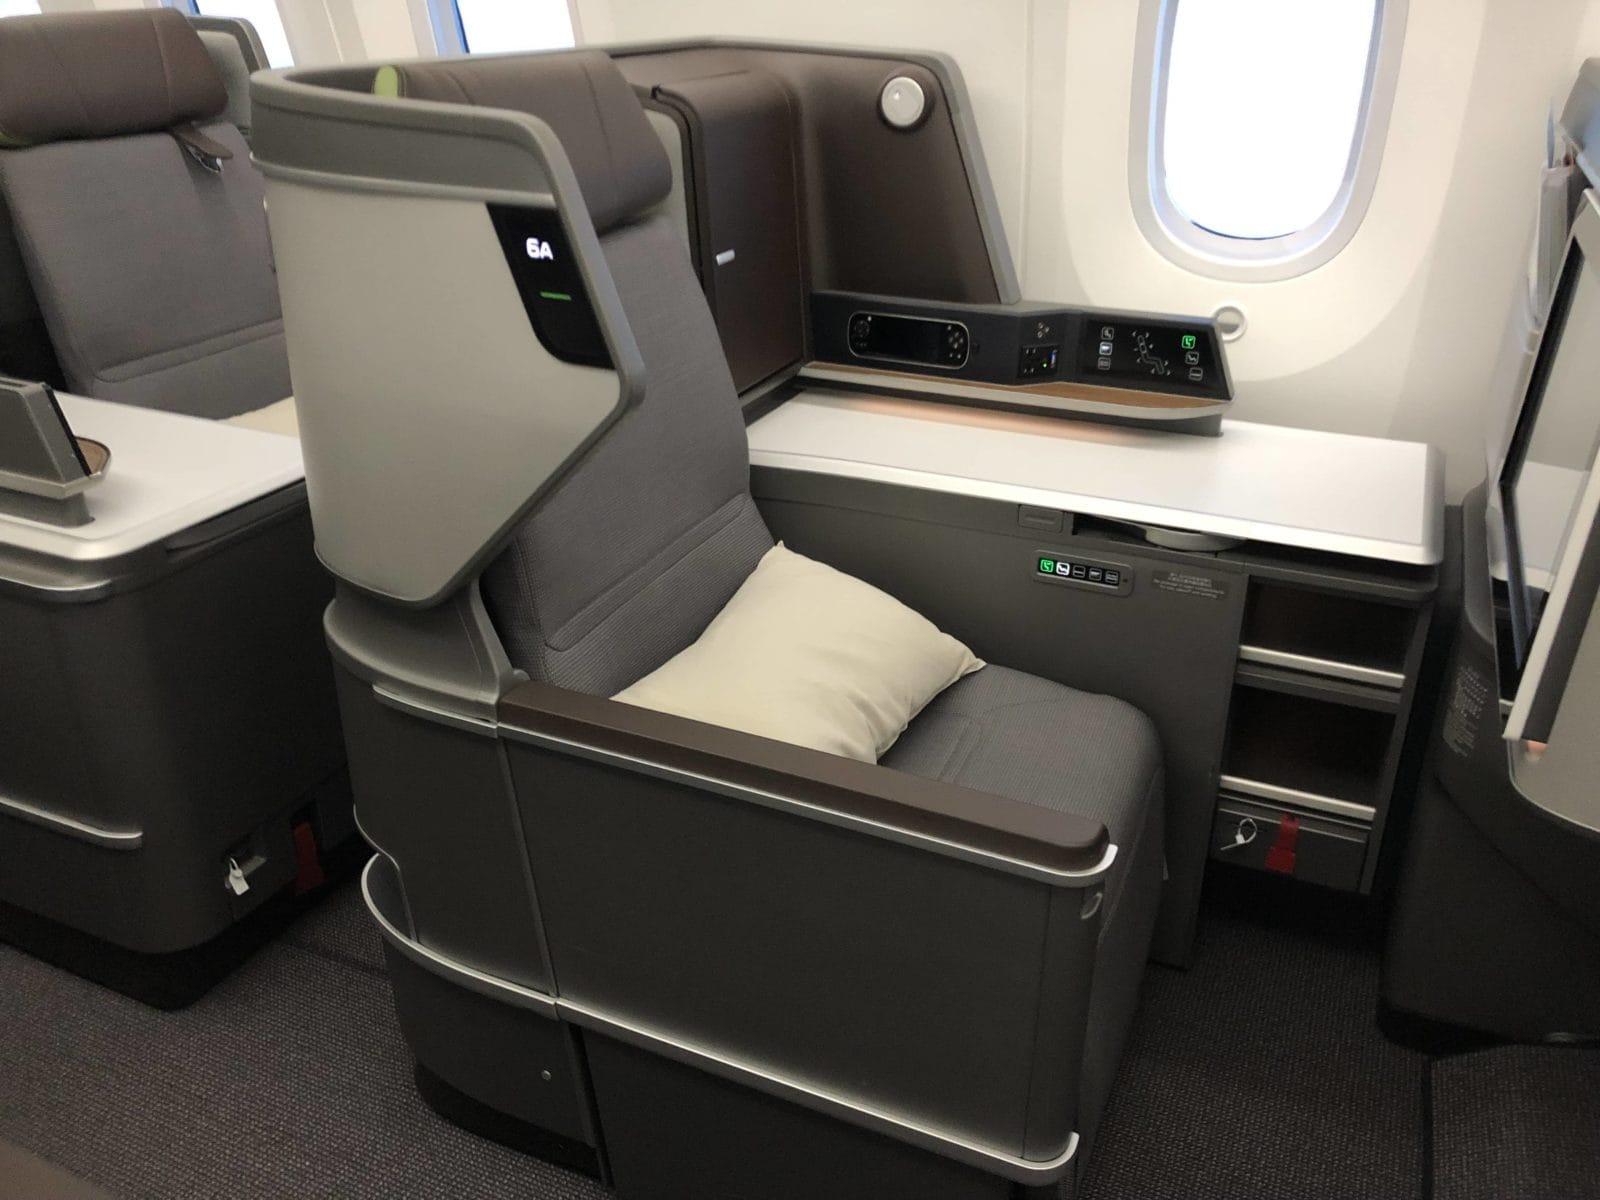 EVA Air neue Business Class 787-9 Sitz Ablagefach Fenster